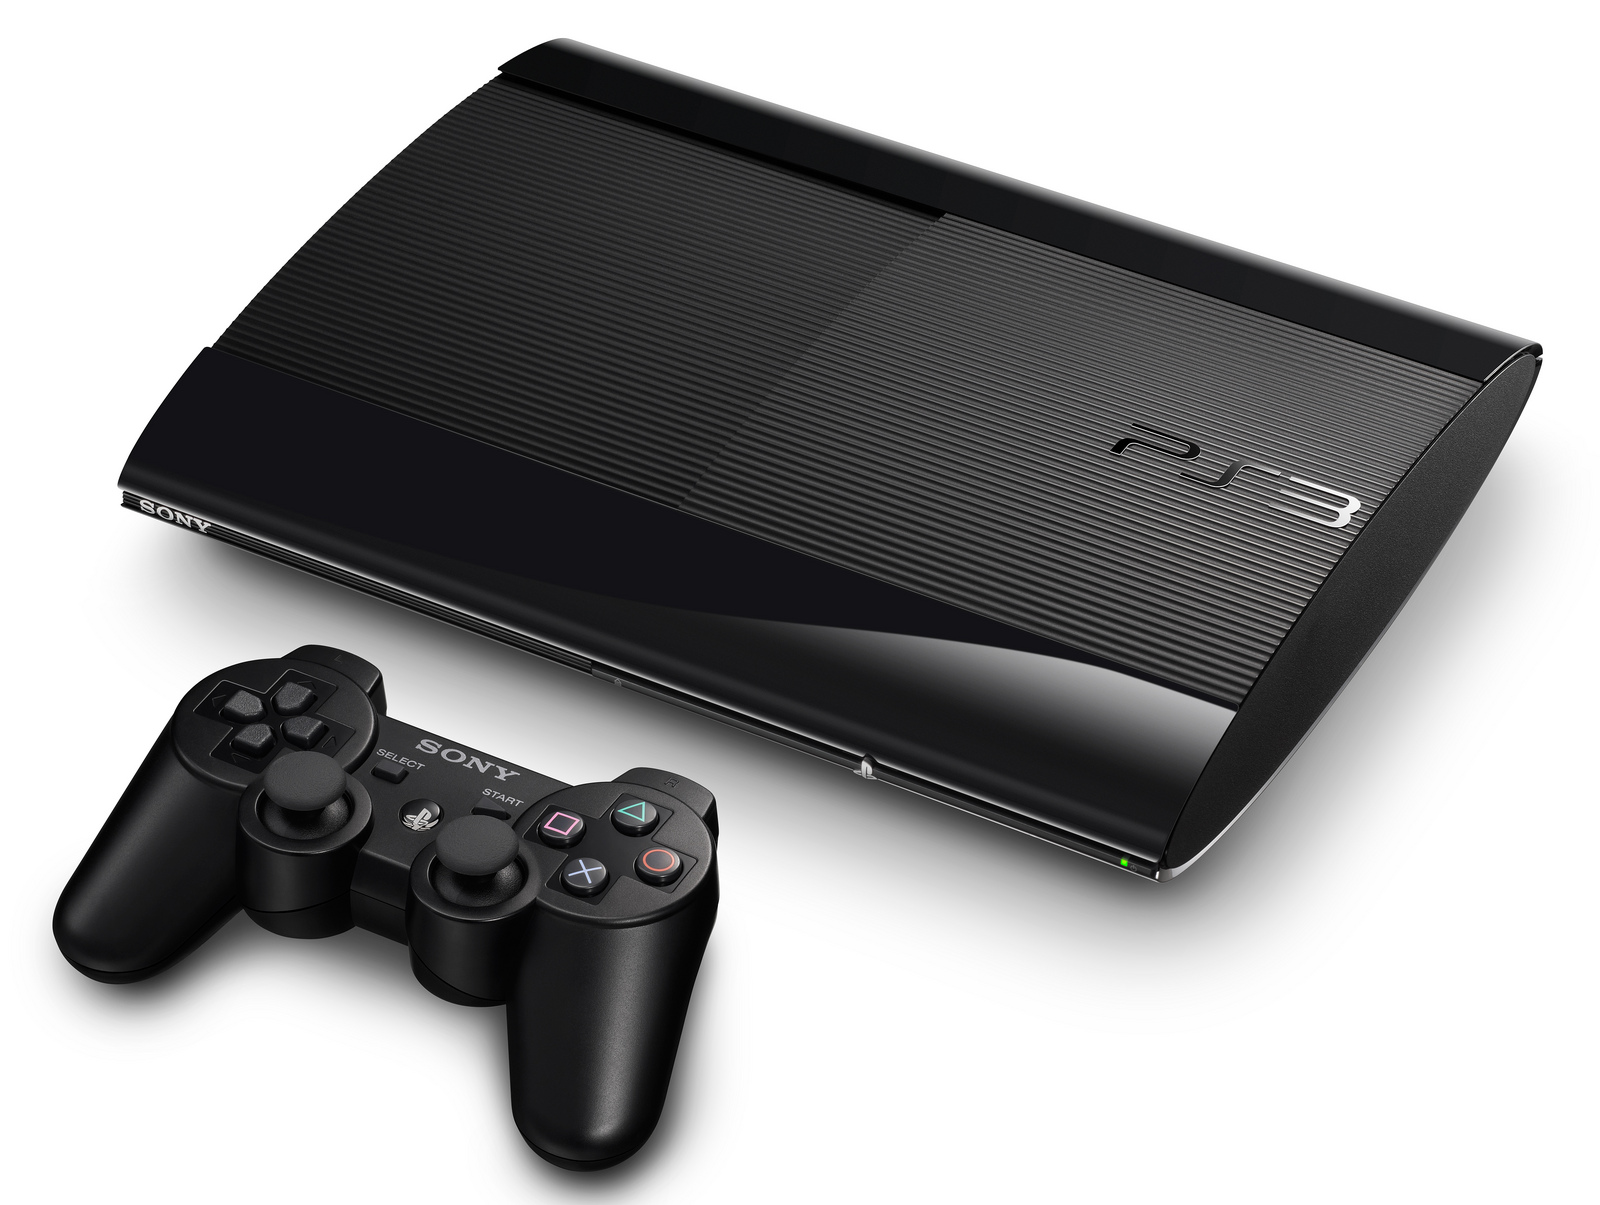 Sony veröffentlicht PS3 Firmware 4.31, aber ohne Neuerungen